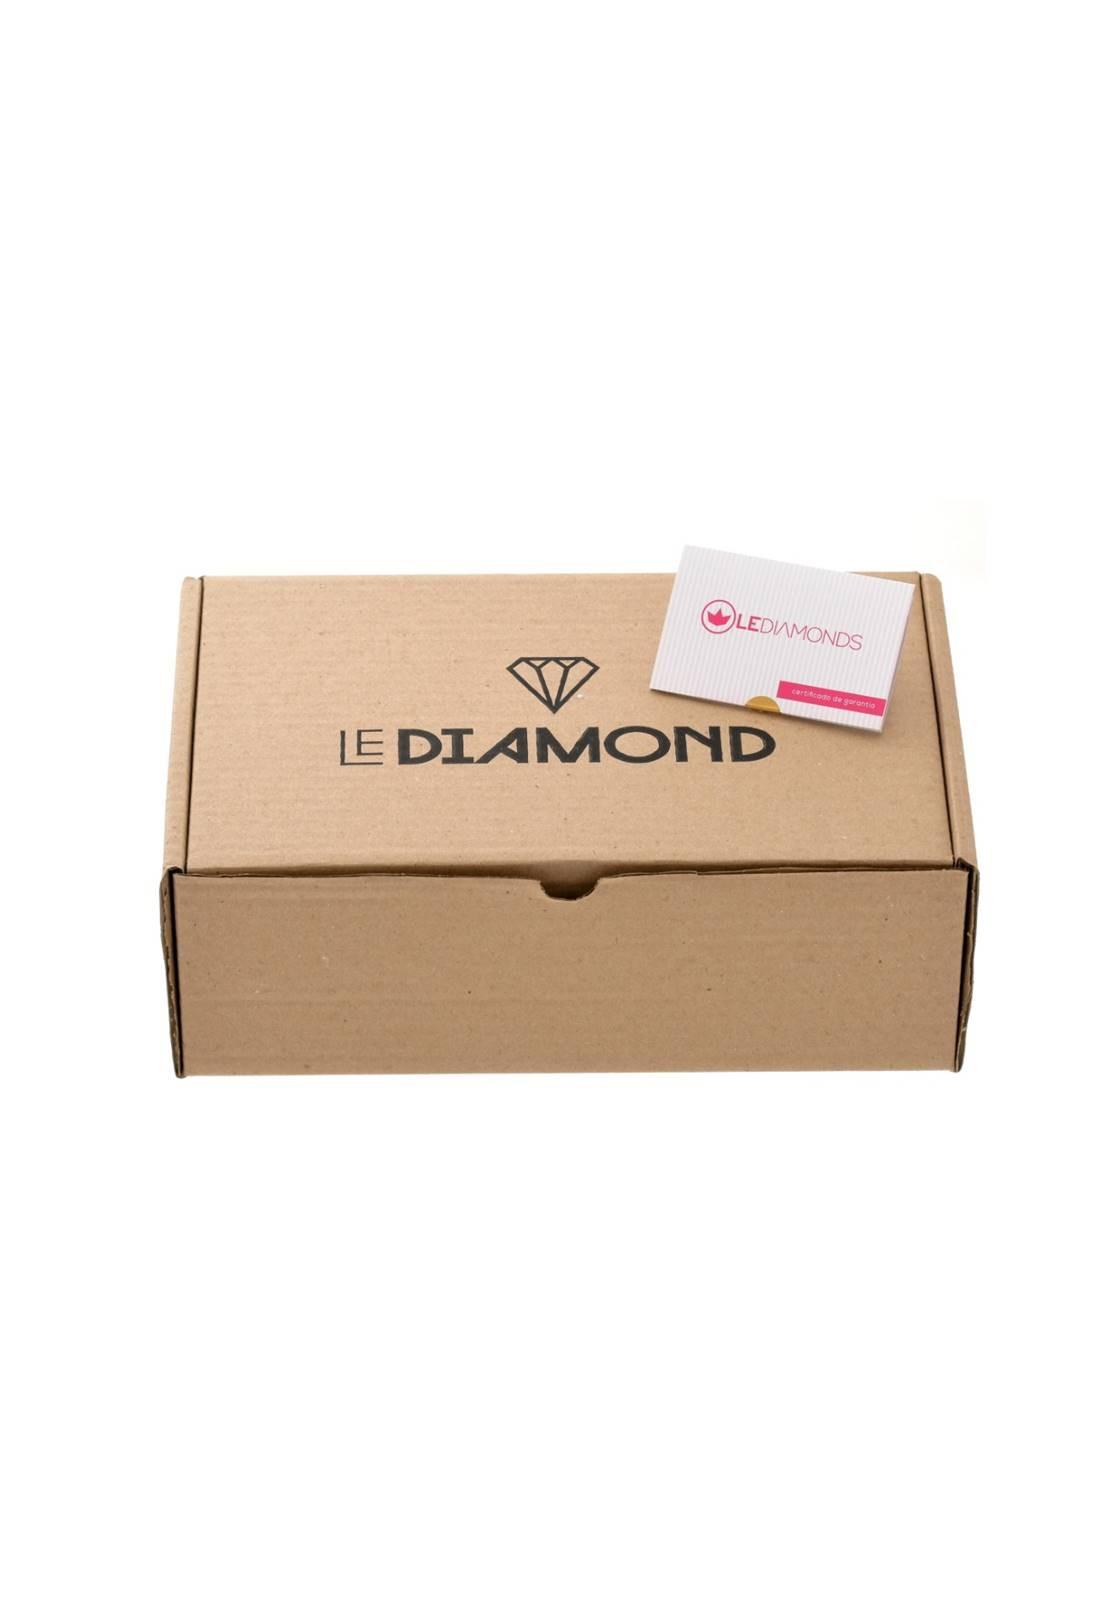 Brinco Le Diamond Zulai Marrom